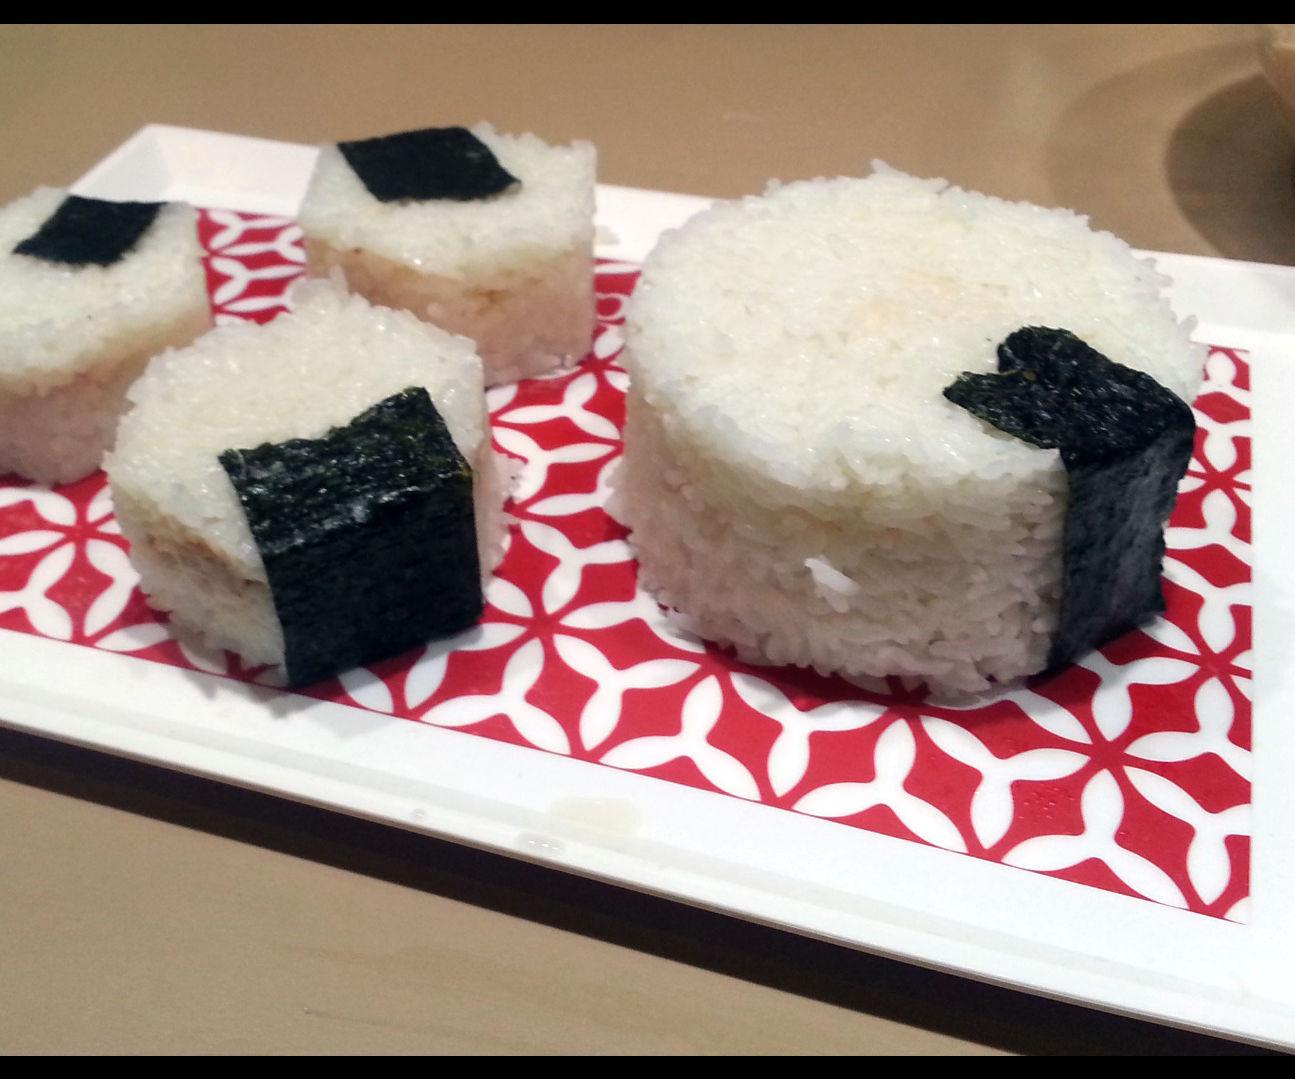 Fun With Rice Balls (Onigiri)